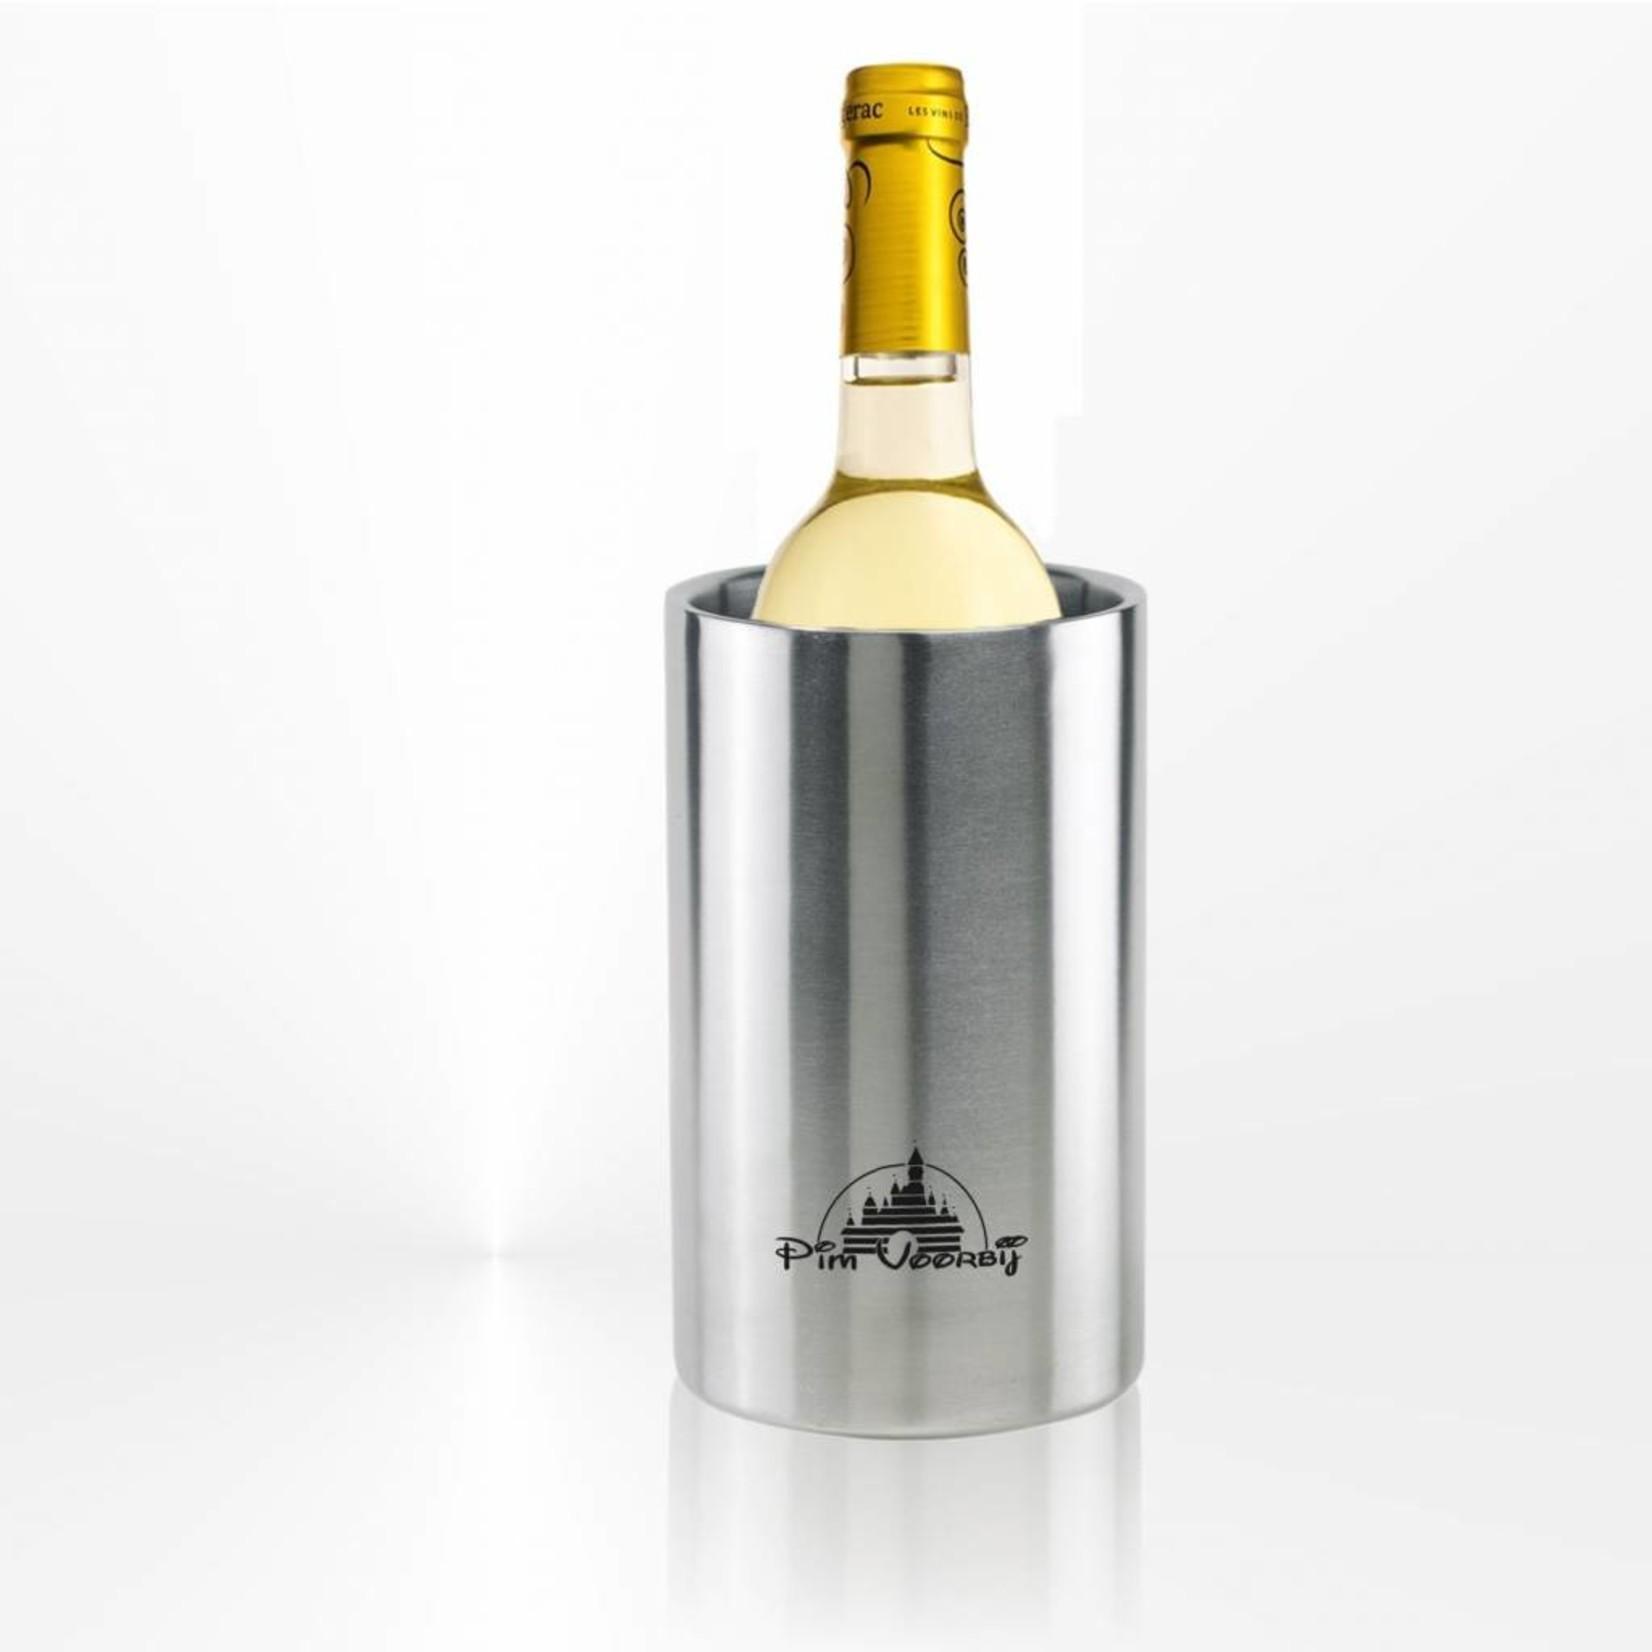 Rafraichisseur a vin inox Venice